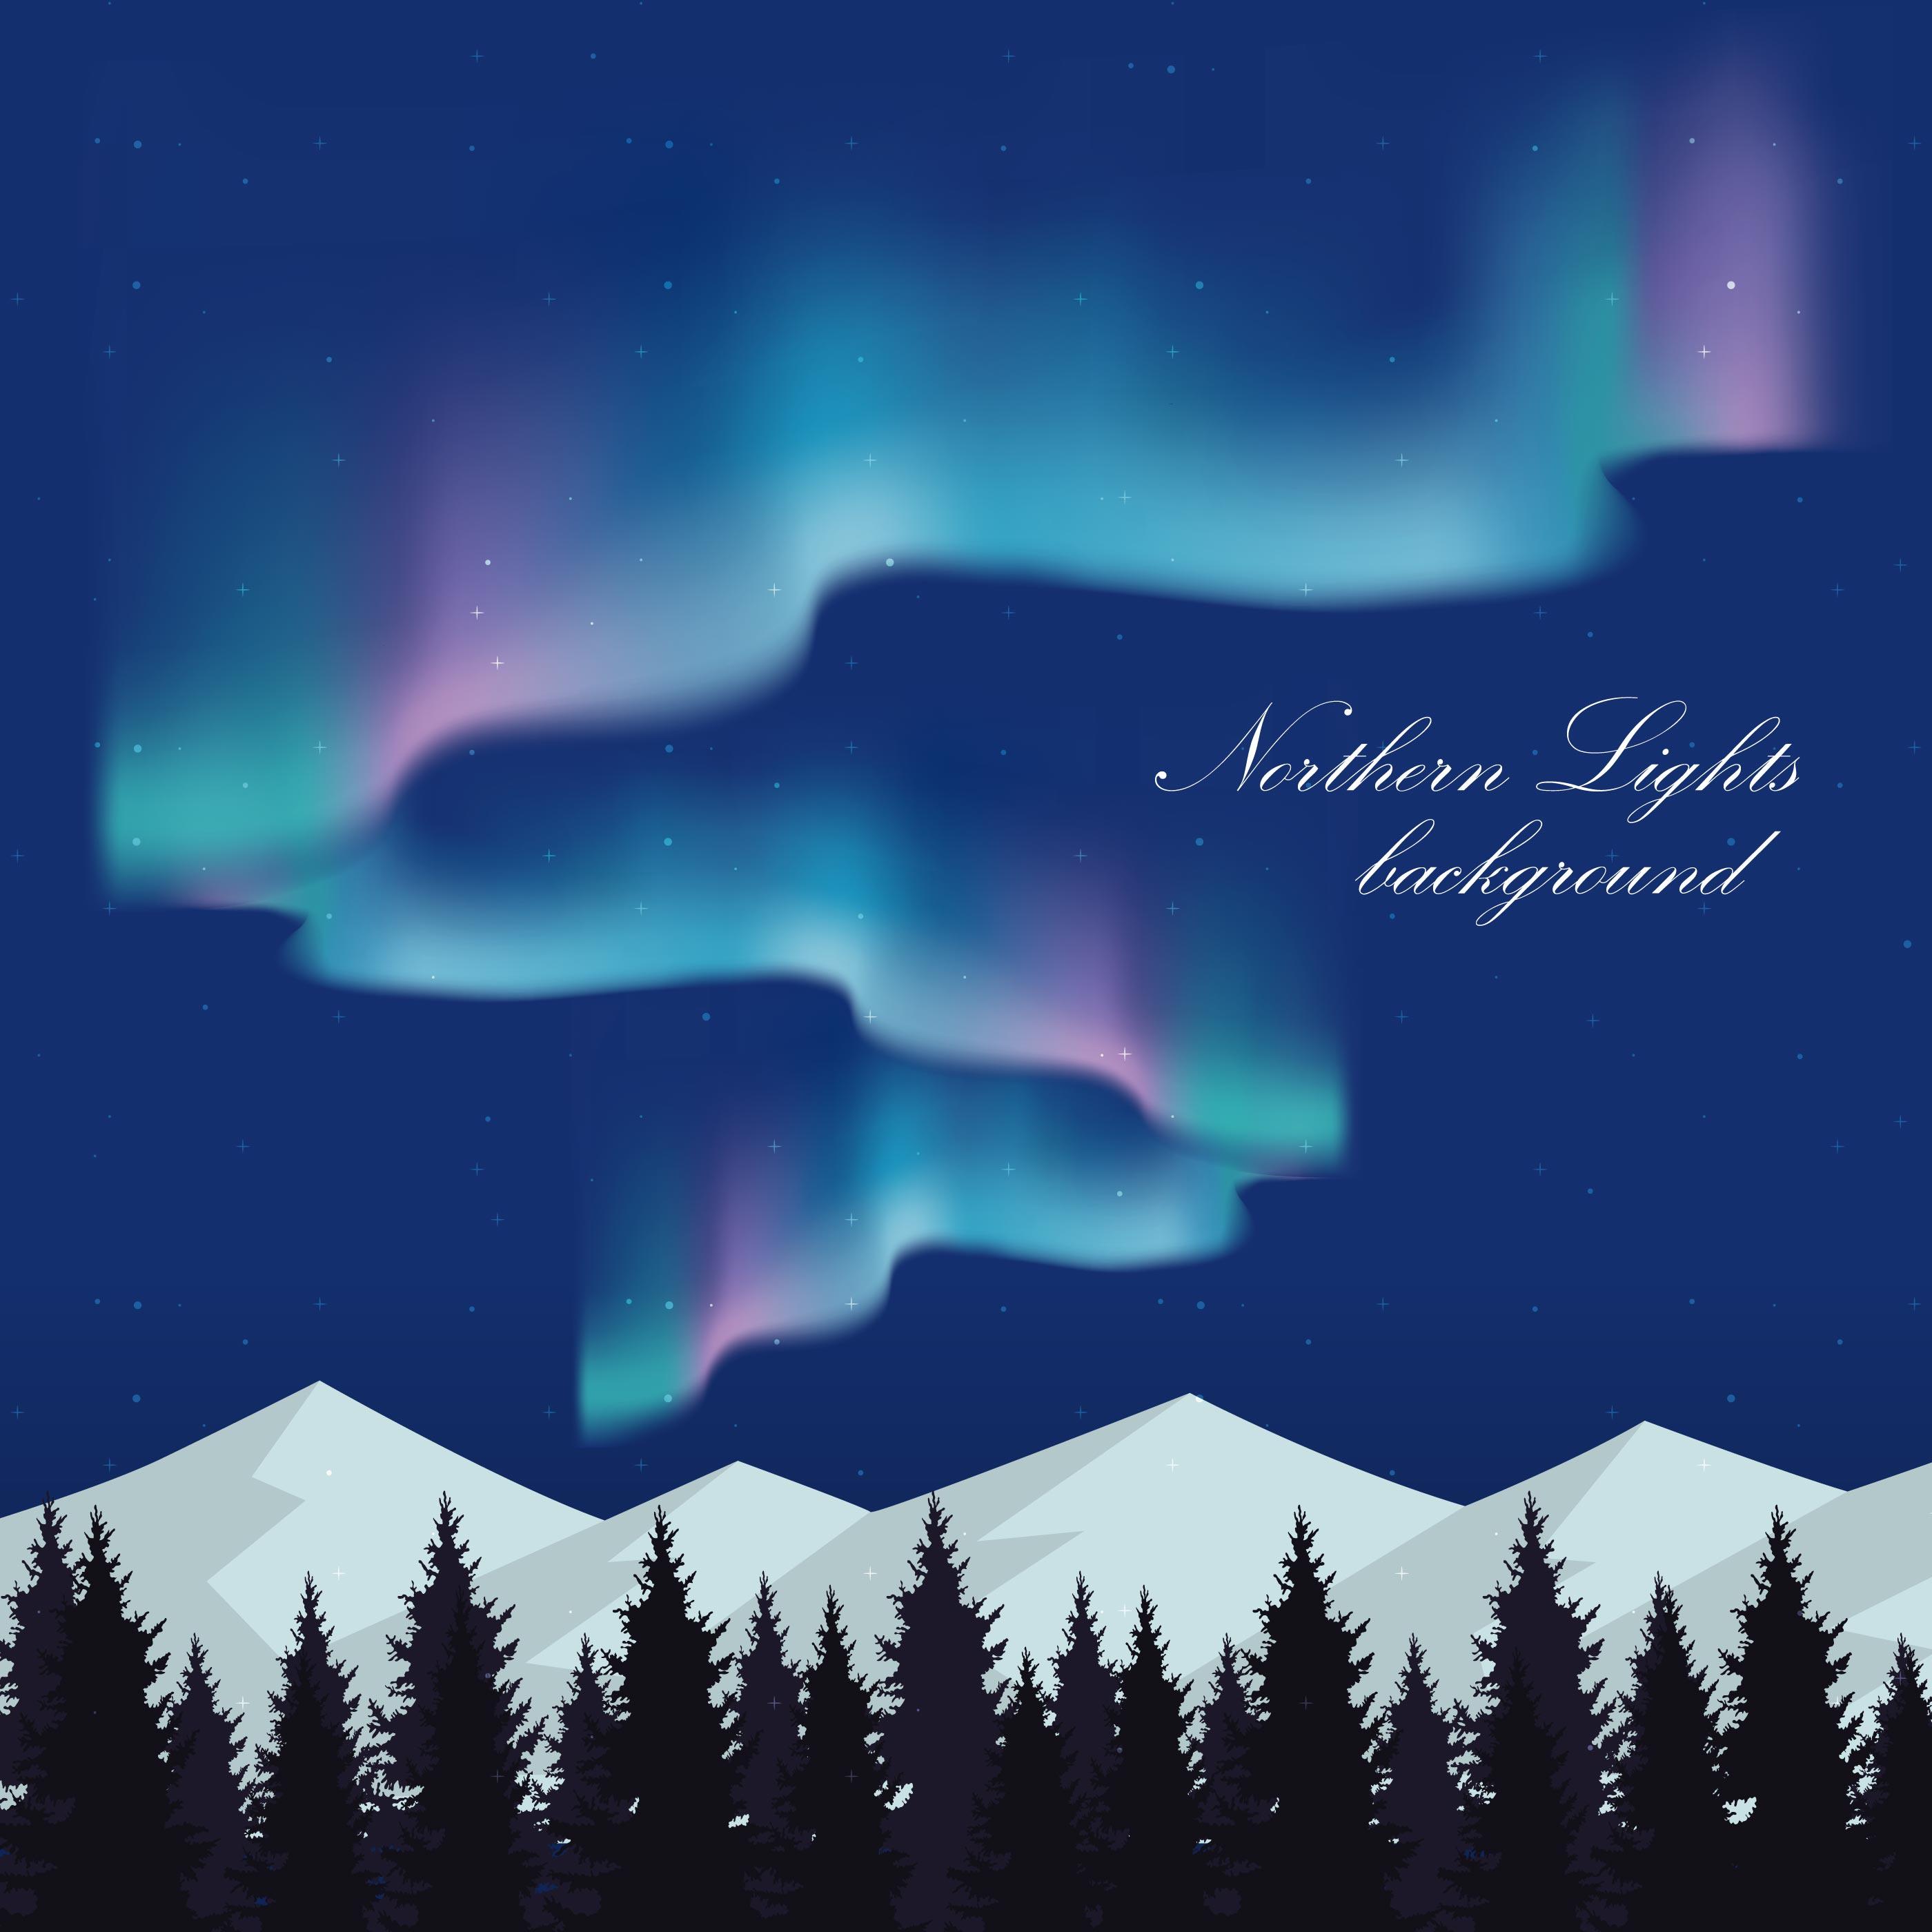 Landscape Illustration Vector Free: Northern Lights Landscape Illustration